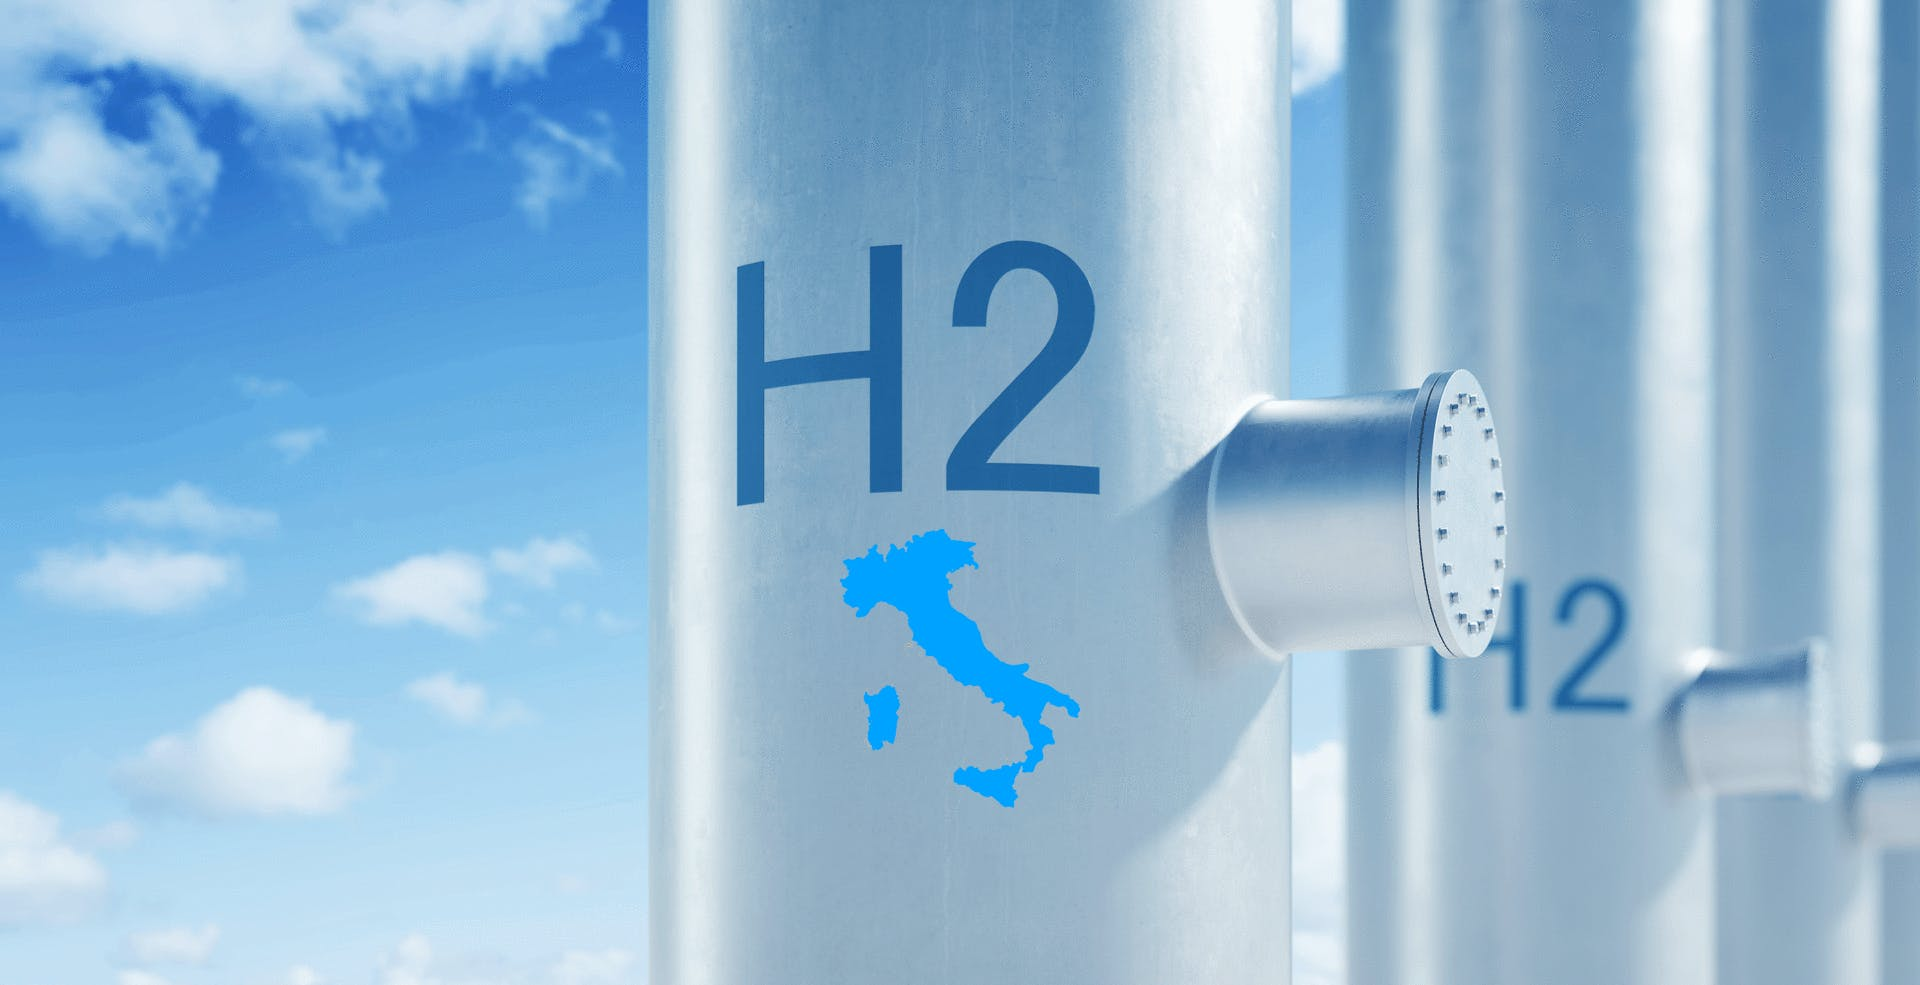 L'Italia avrà la sua Hydrogen Valley. Il progetto ENEA costruirà l'incubatore di ricerca sull'idrogeno nei pressi di Roma